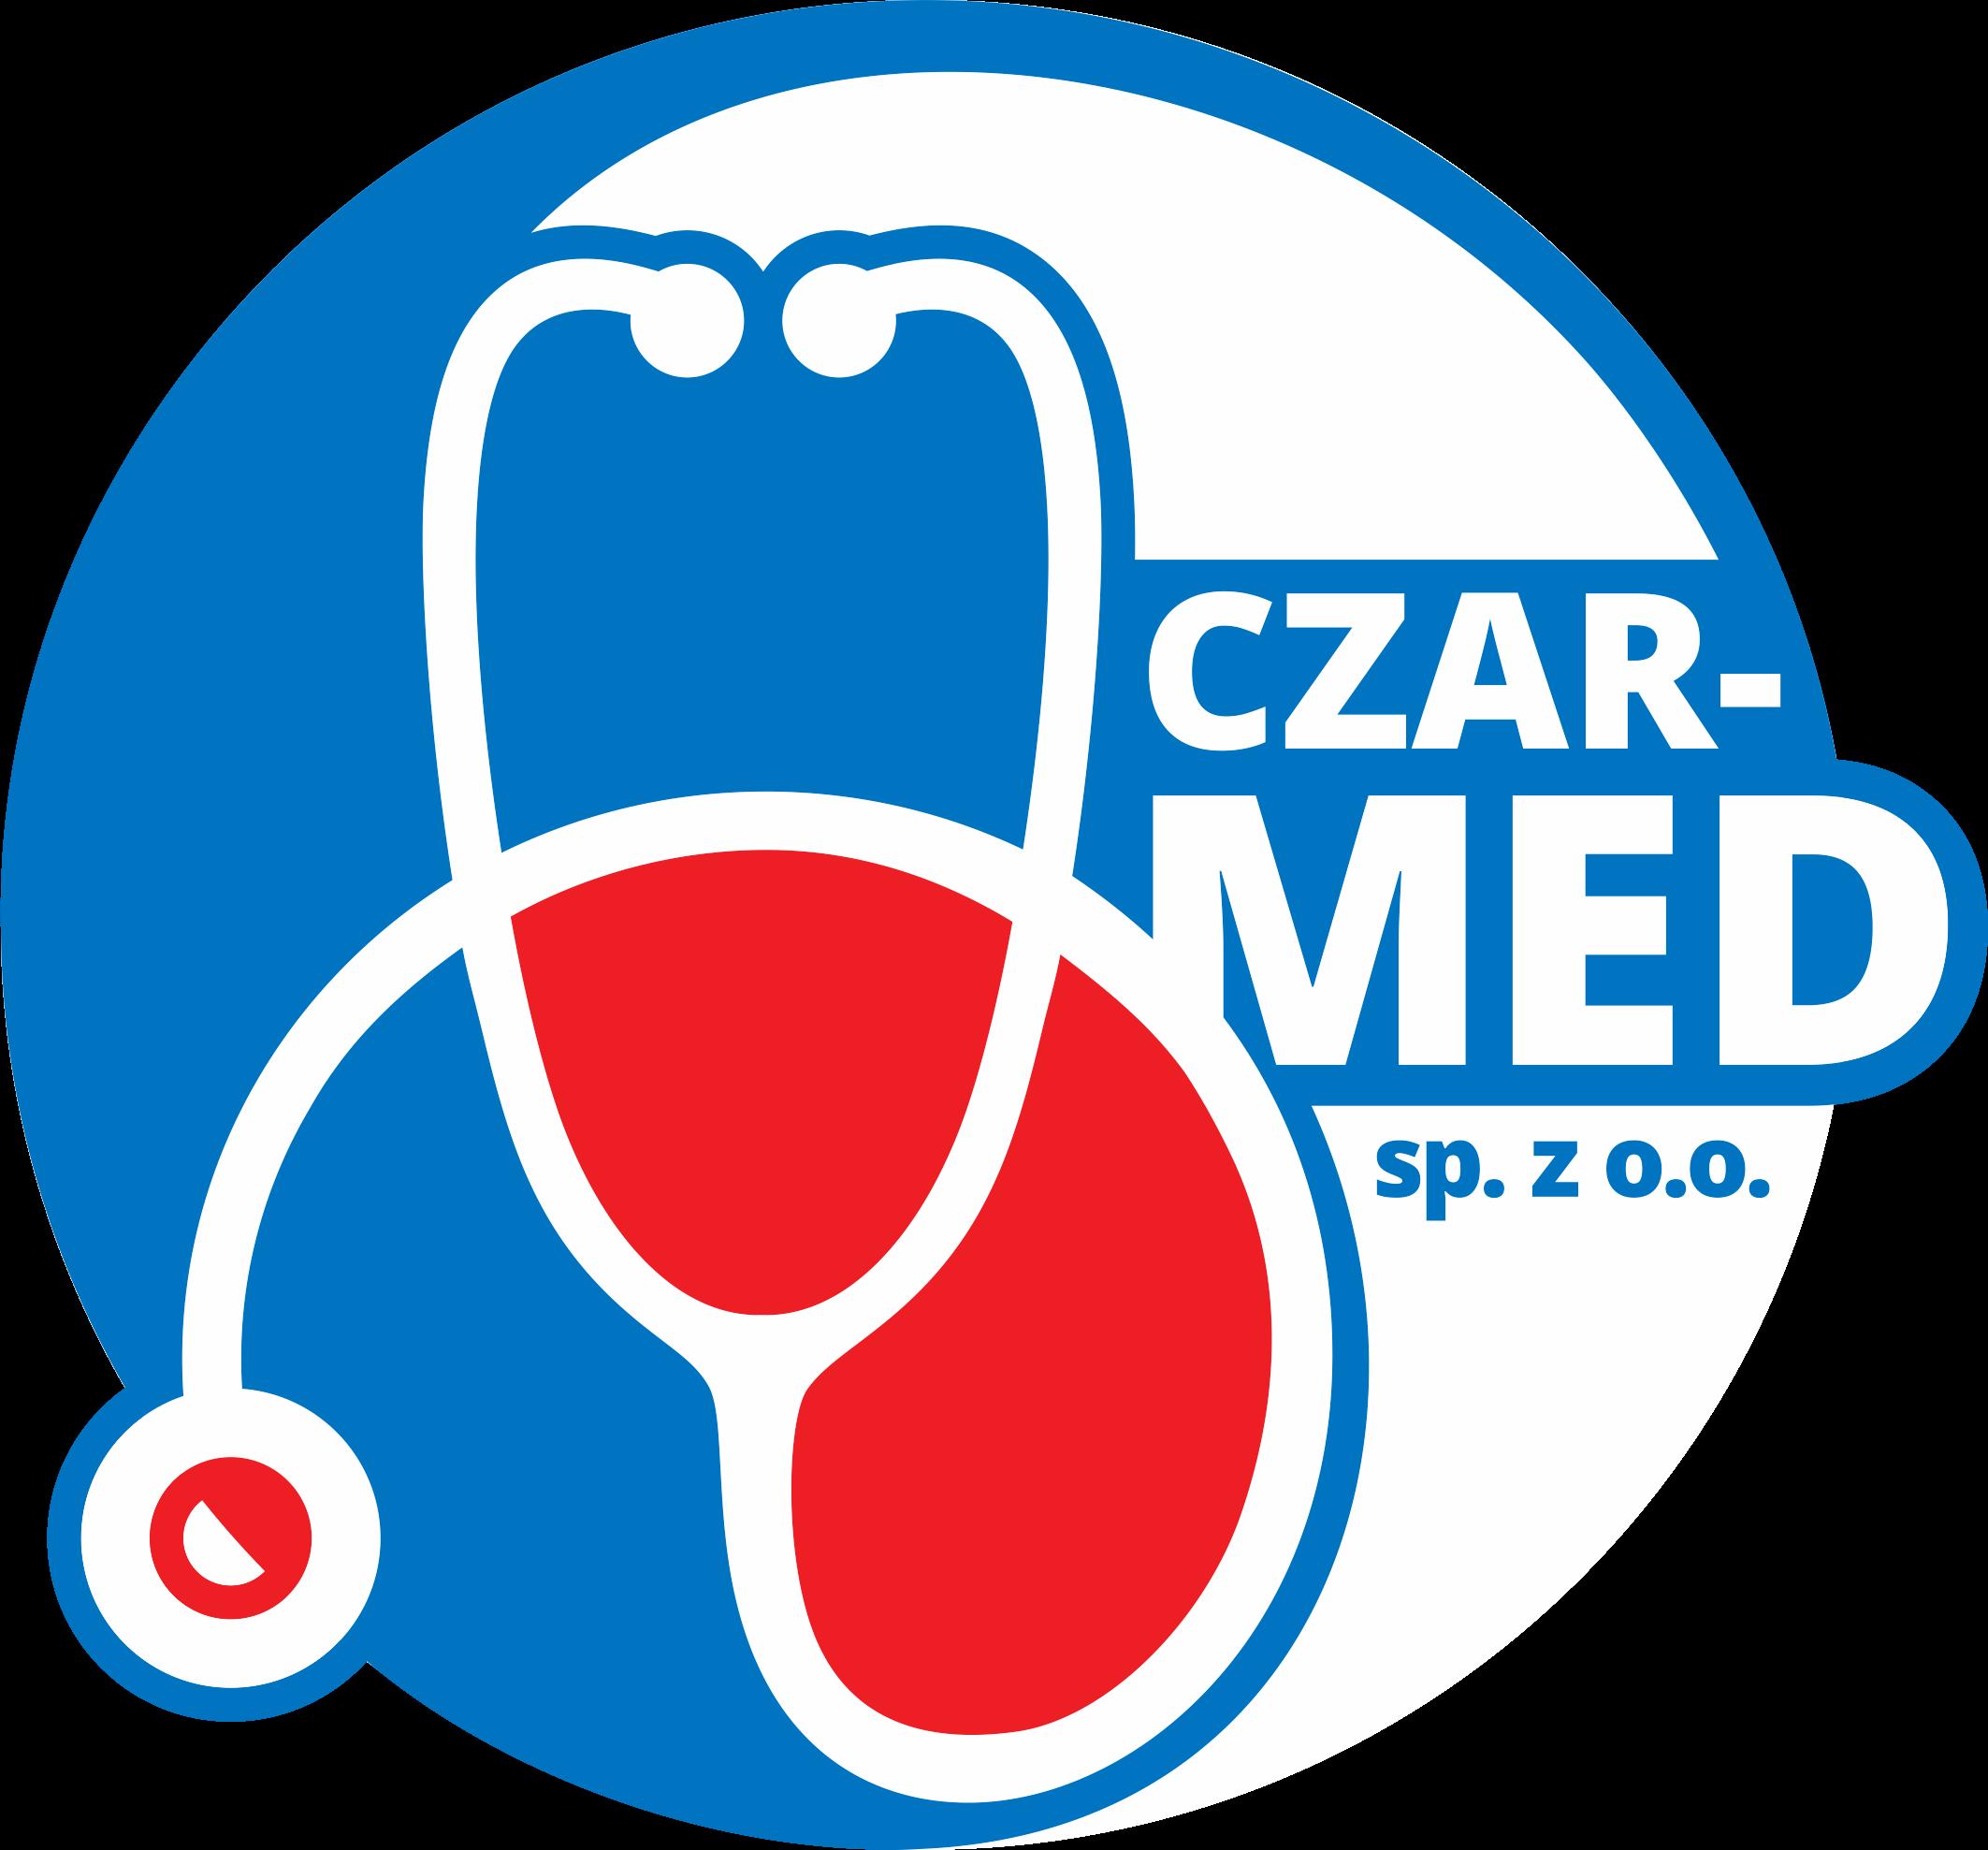 Czar-med spółka z o.o.